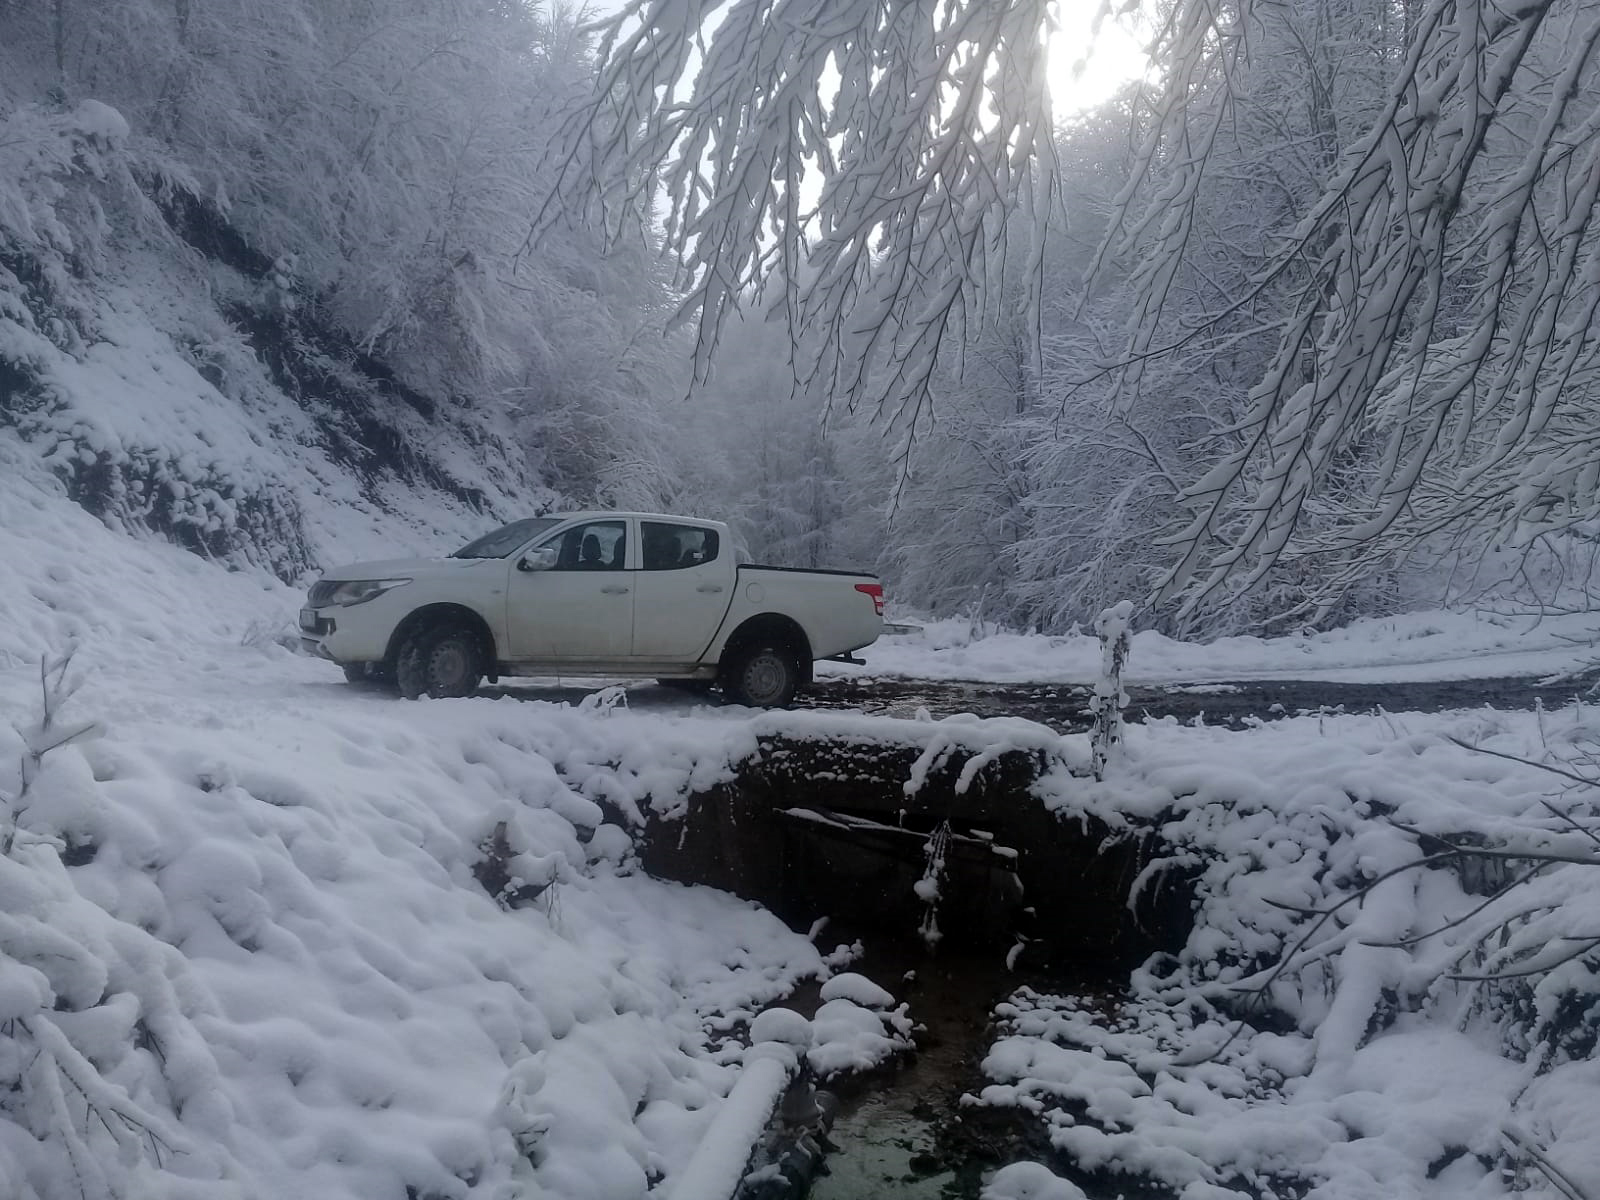 Zor kış şartlarına rağmen tarım destekleniyor